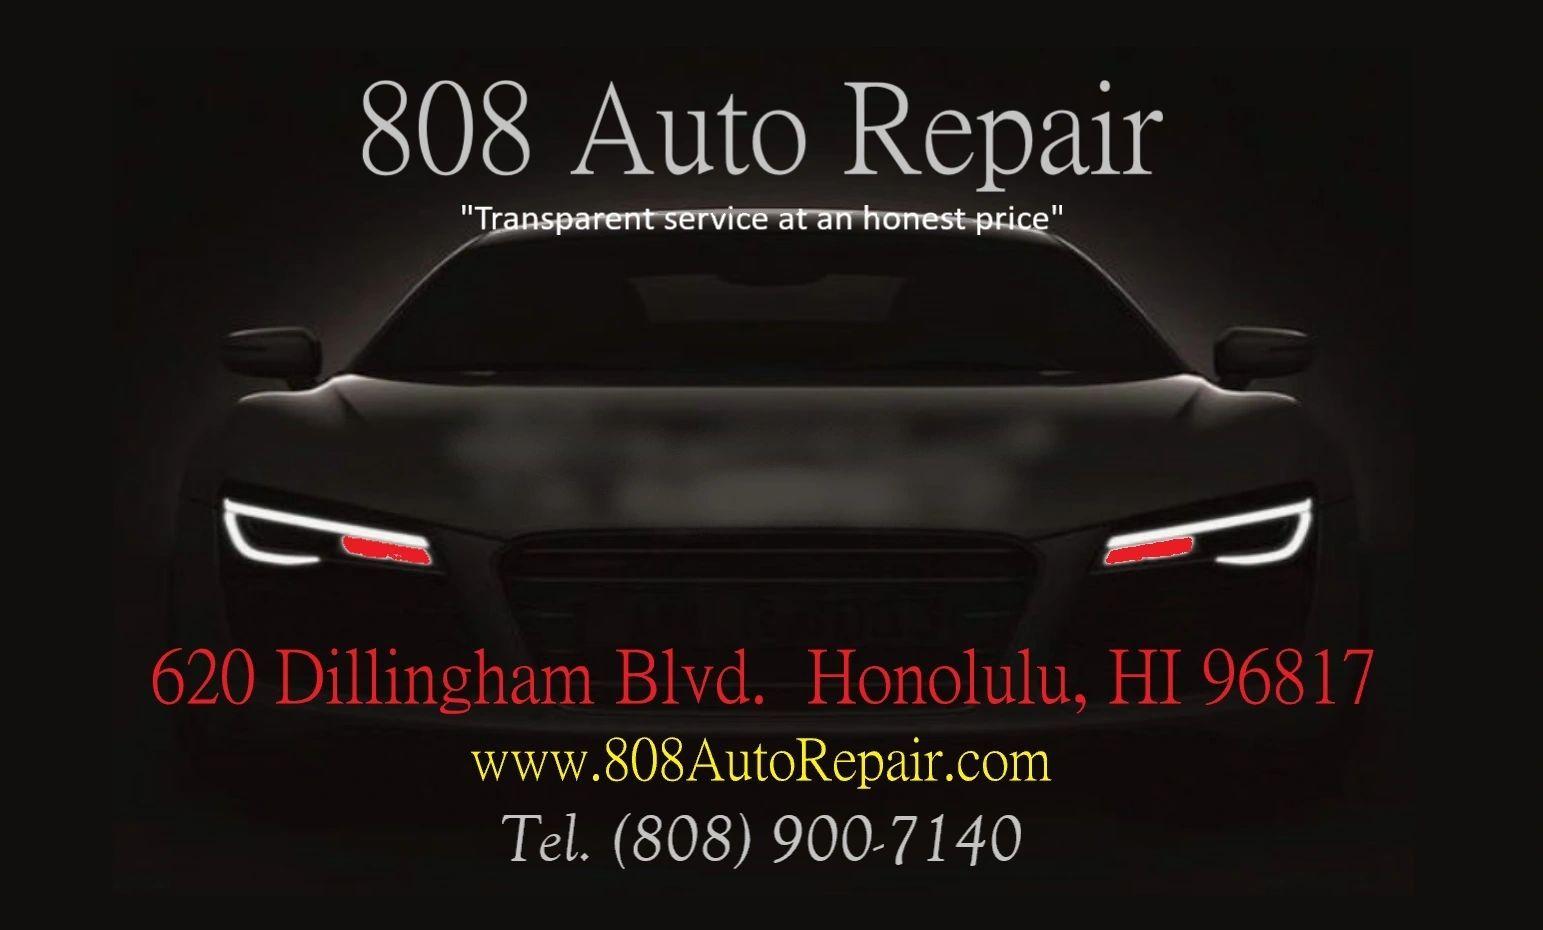 808 Auto Repair logo